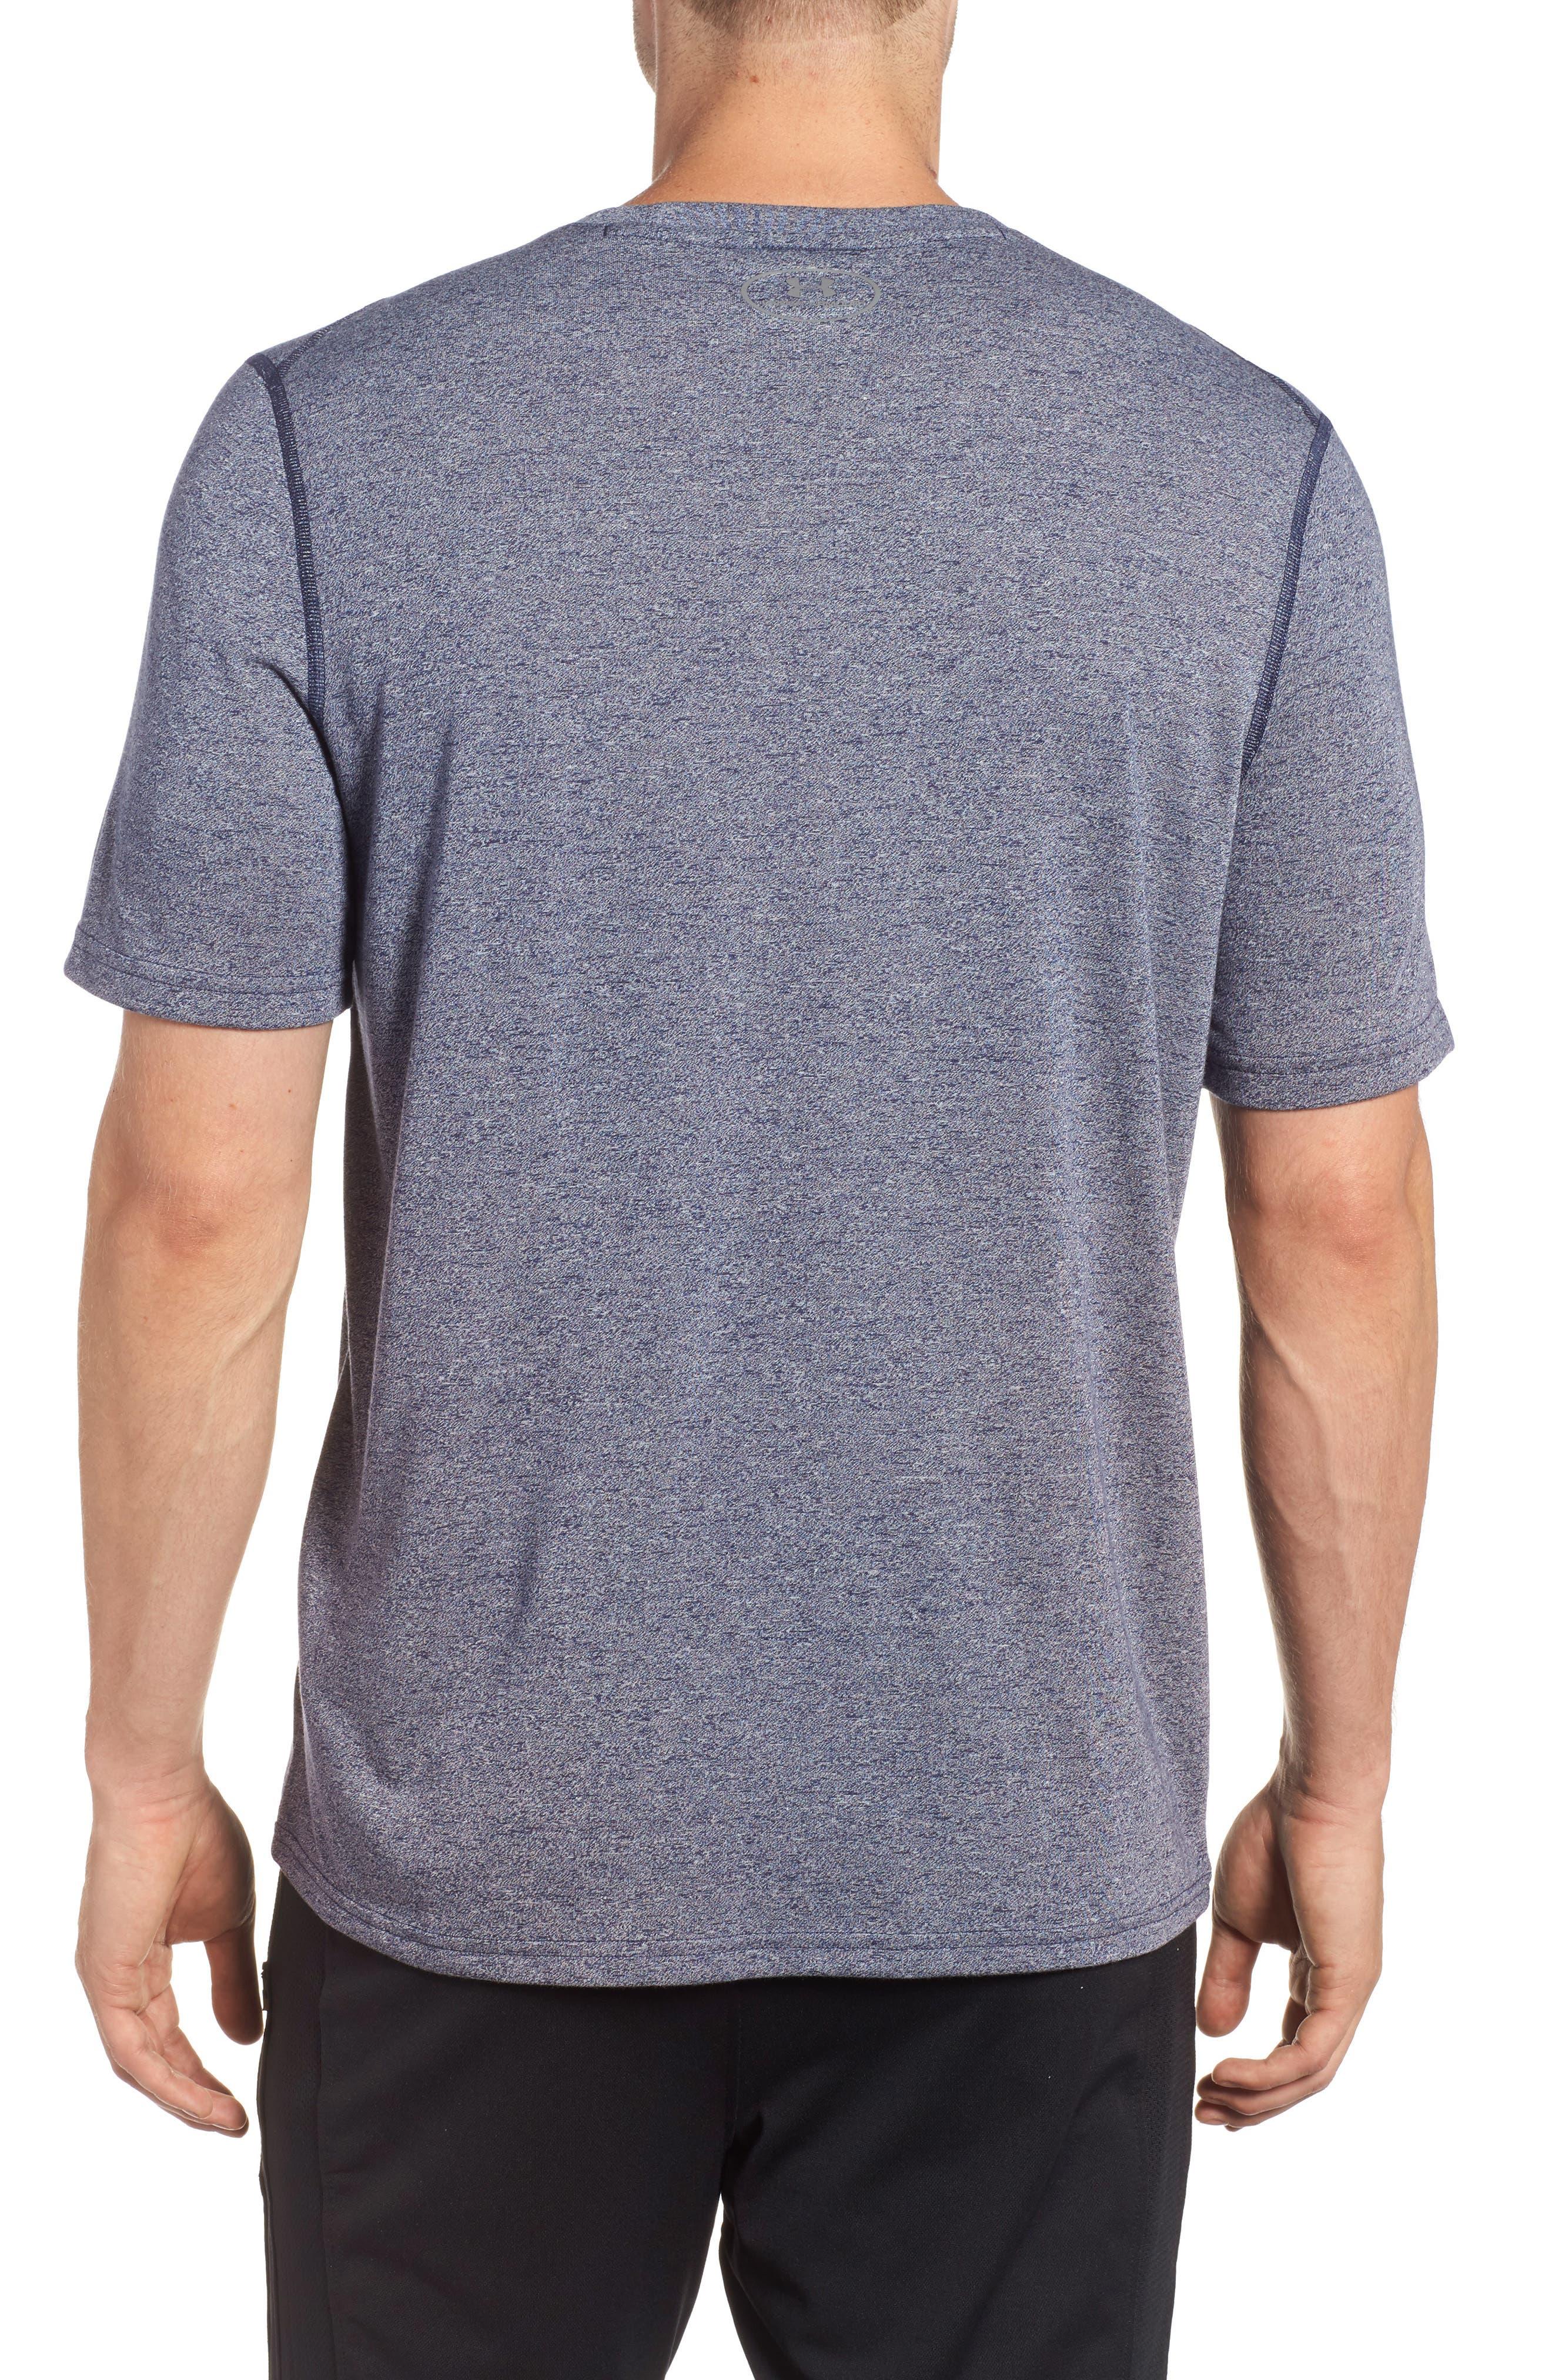 Regular Fit Threadborne T-Shirt,                             Alternate thumbnail 5, color,                             Midnight